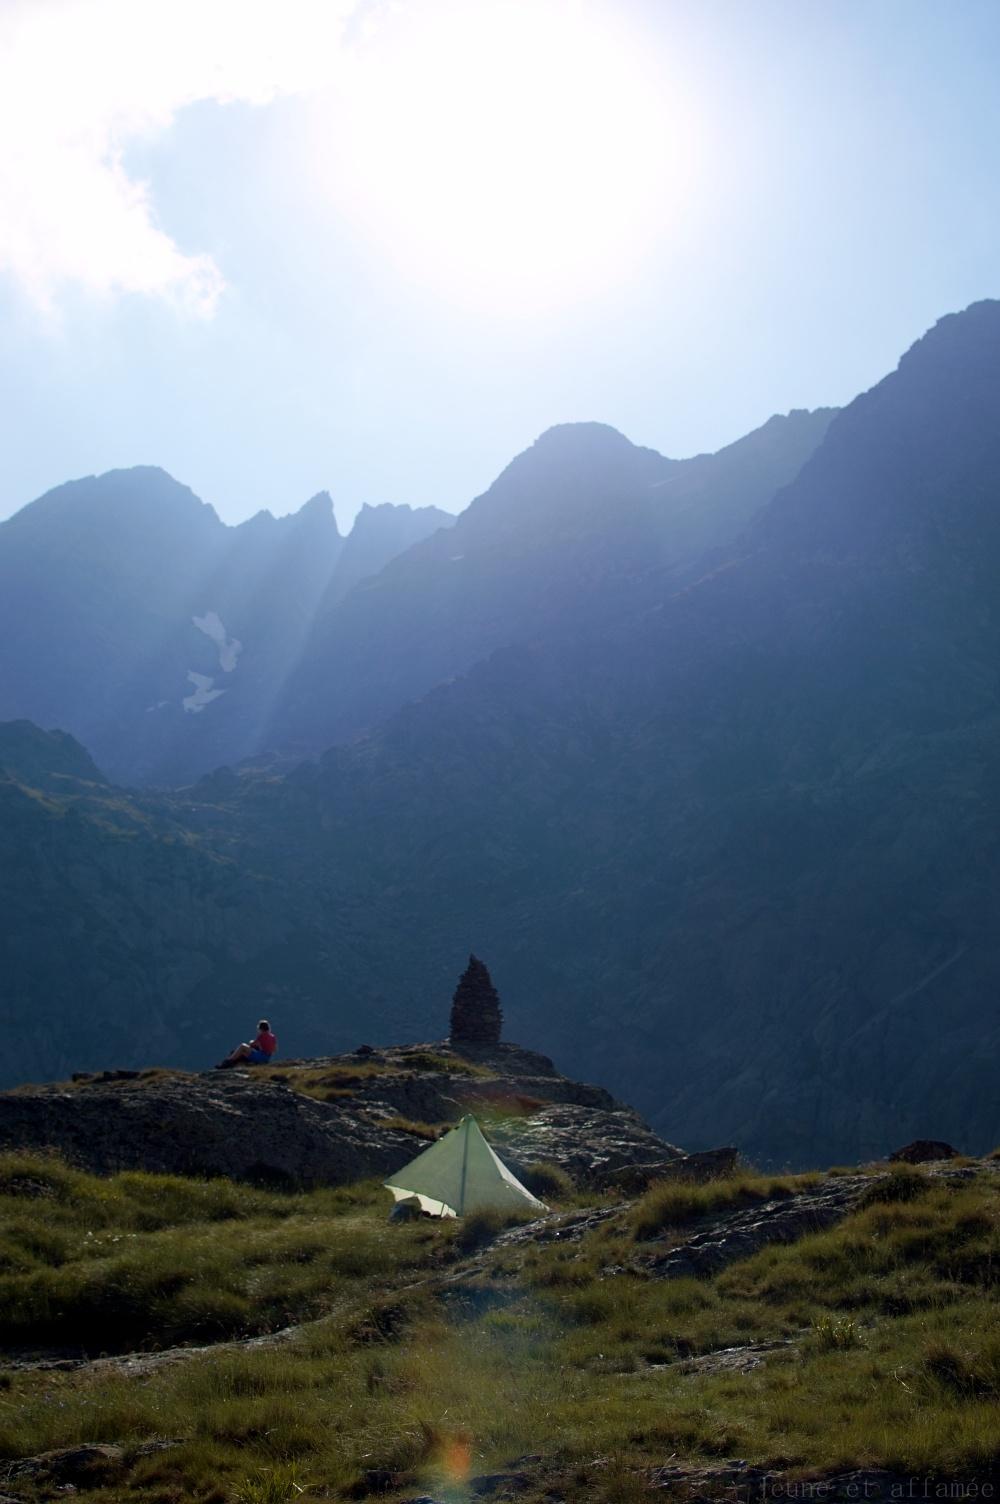 Tente au soleil couchant devant la montagne (Fourcat)